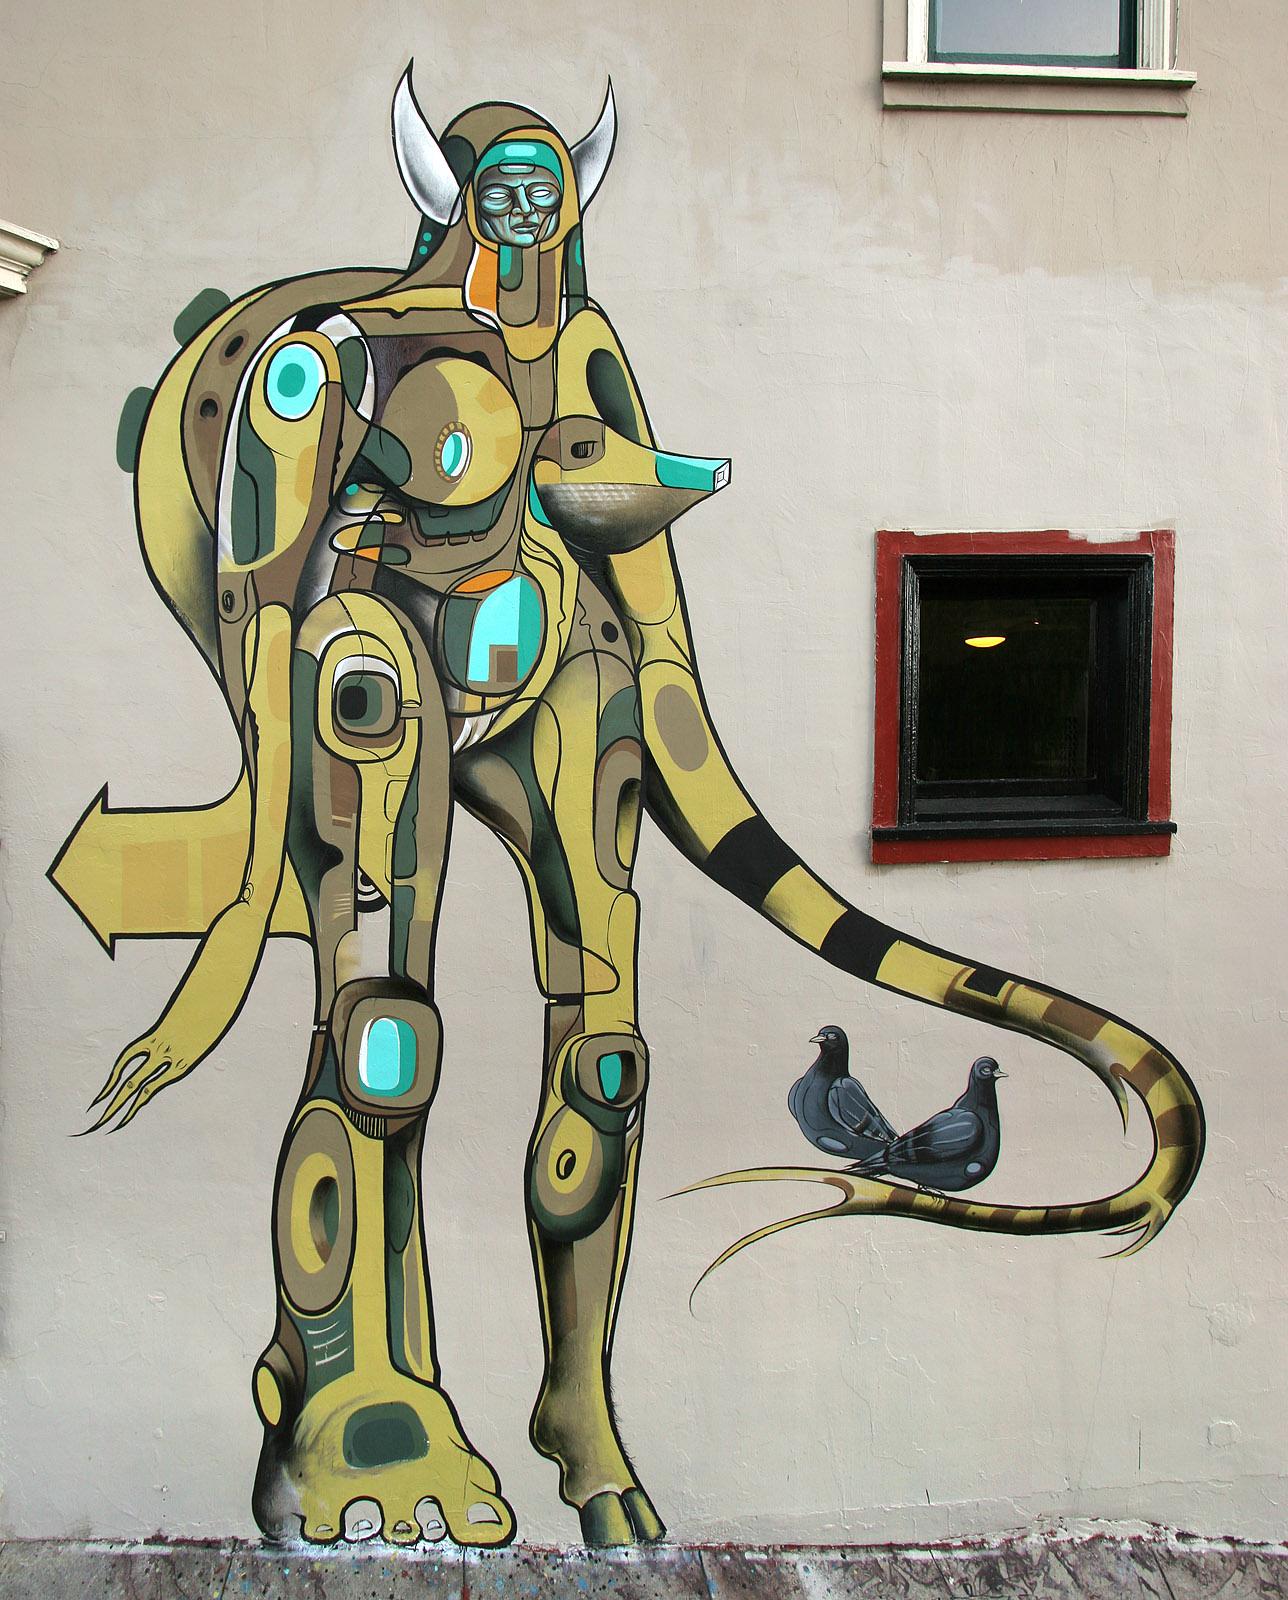 Œuvre Par Doze Green à San Francisco